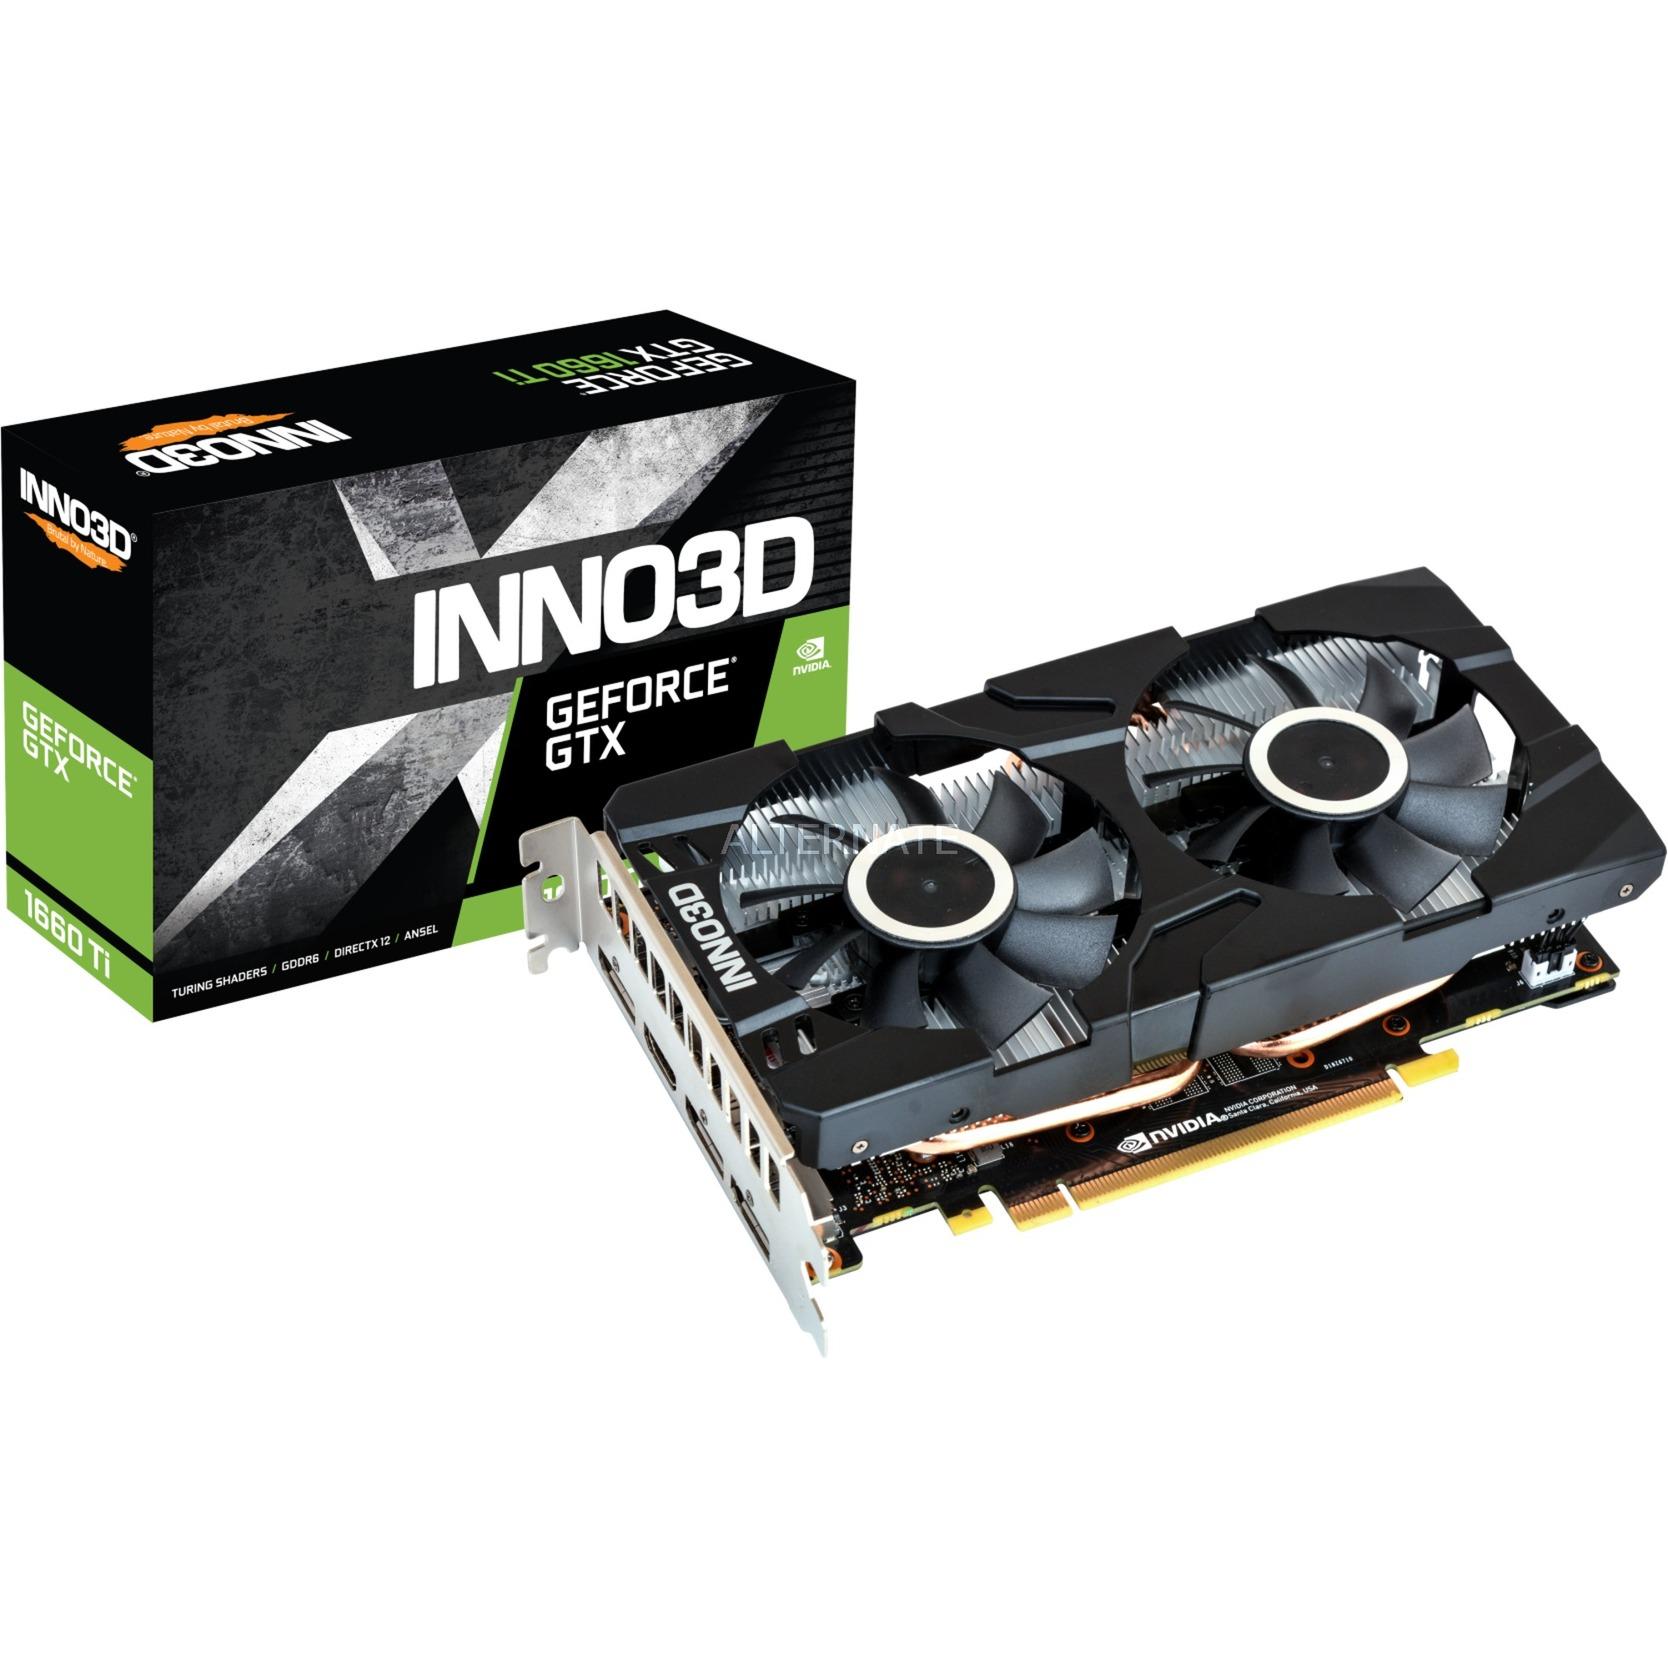 N166T2-06D6-1710VA15 tarjeta gráfica GeForce GTX 1660 Ti 6 GB GDDR6